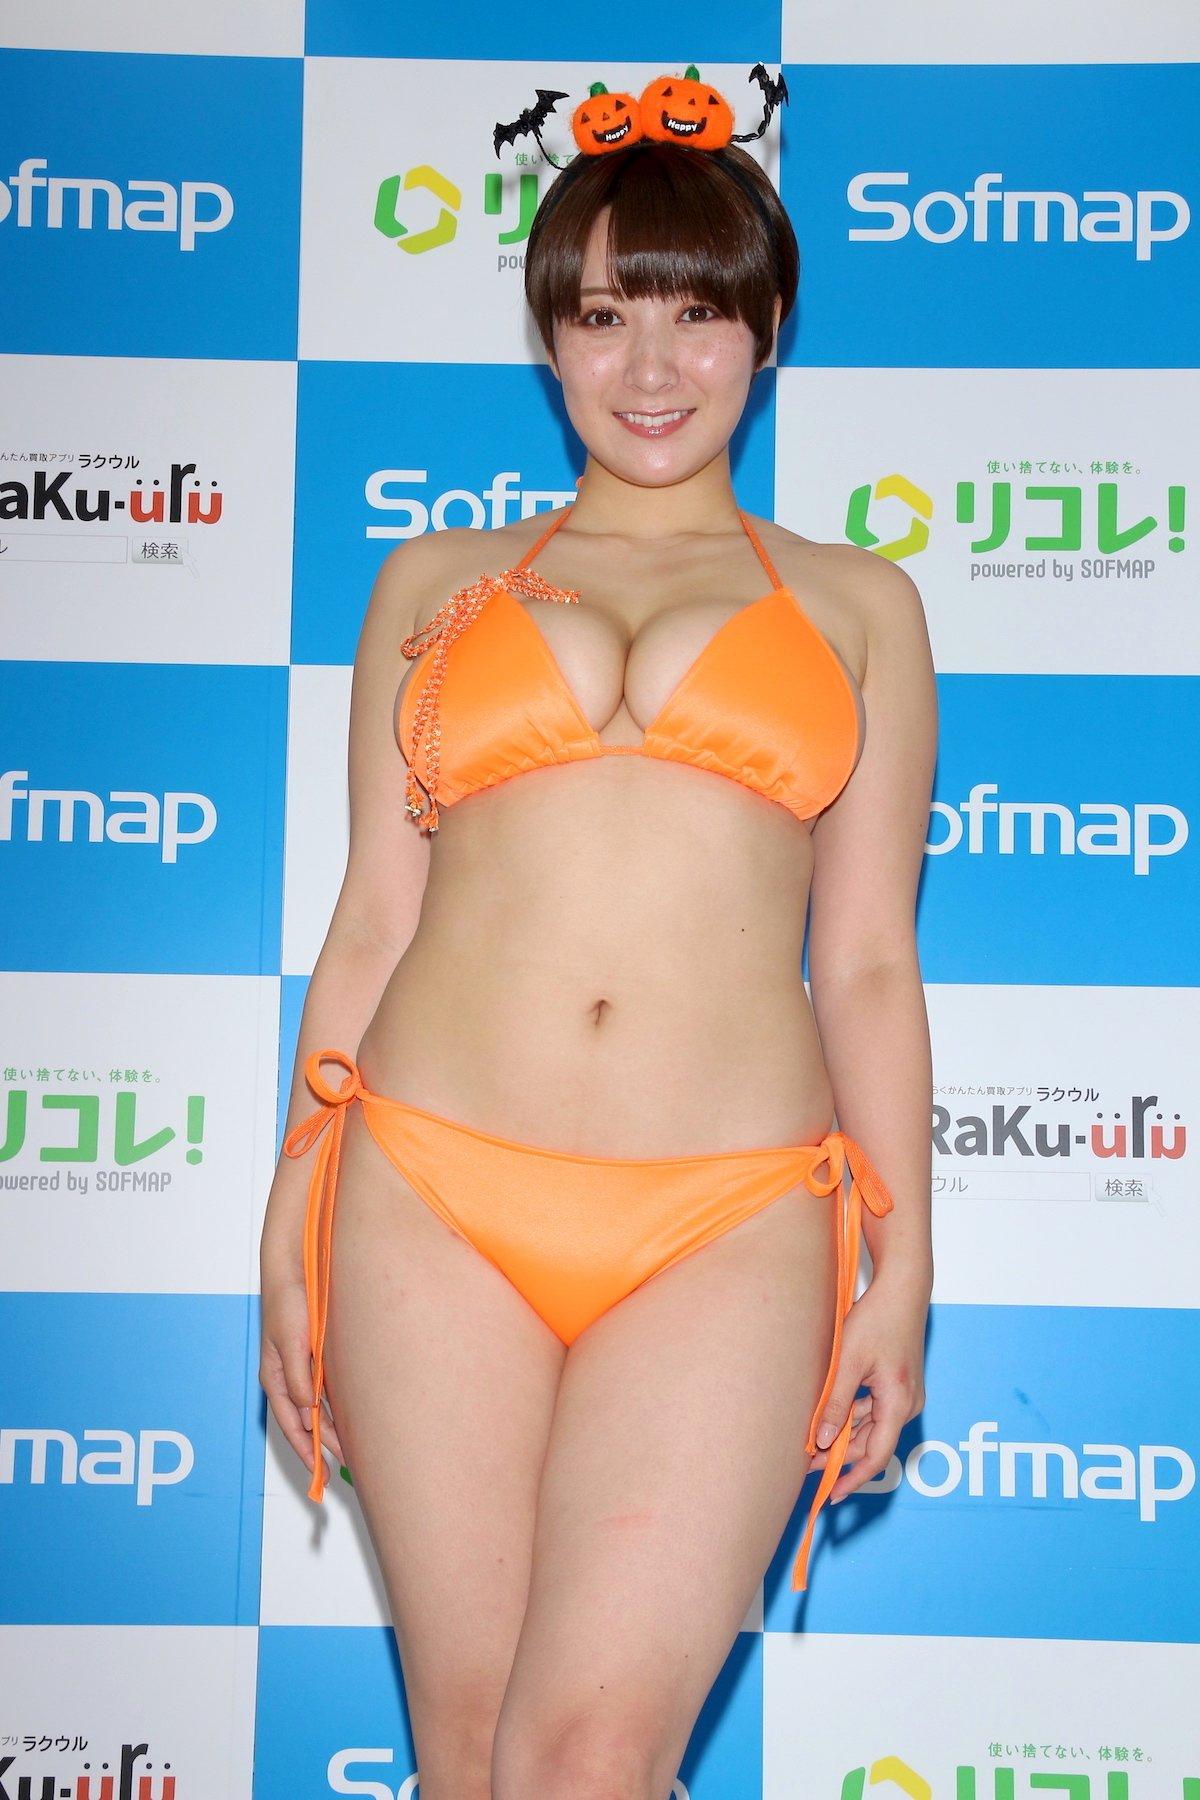 紺野栞「SM嬢に初挑戦」ムチを覚えて感動しました【画像49枚】の画像005